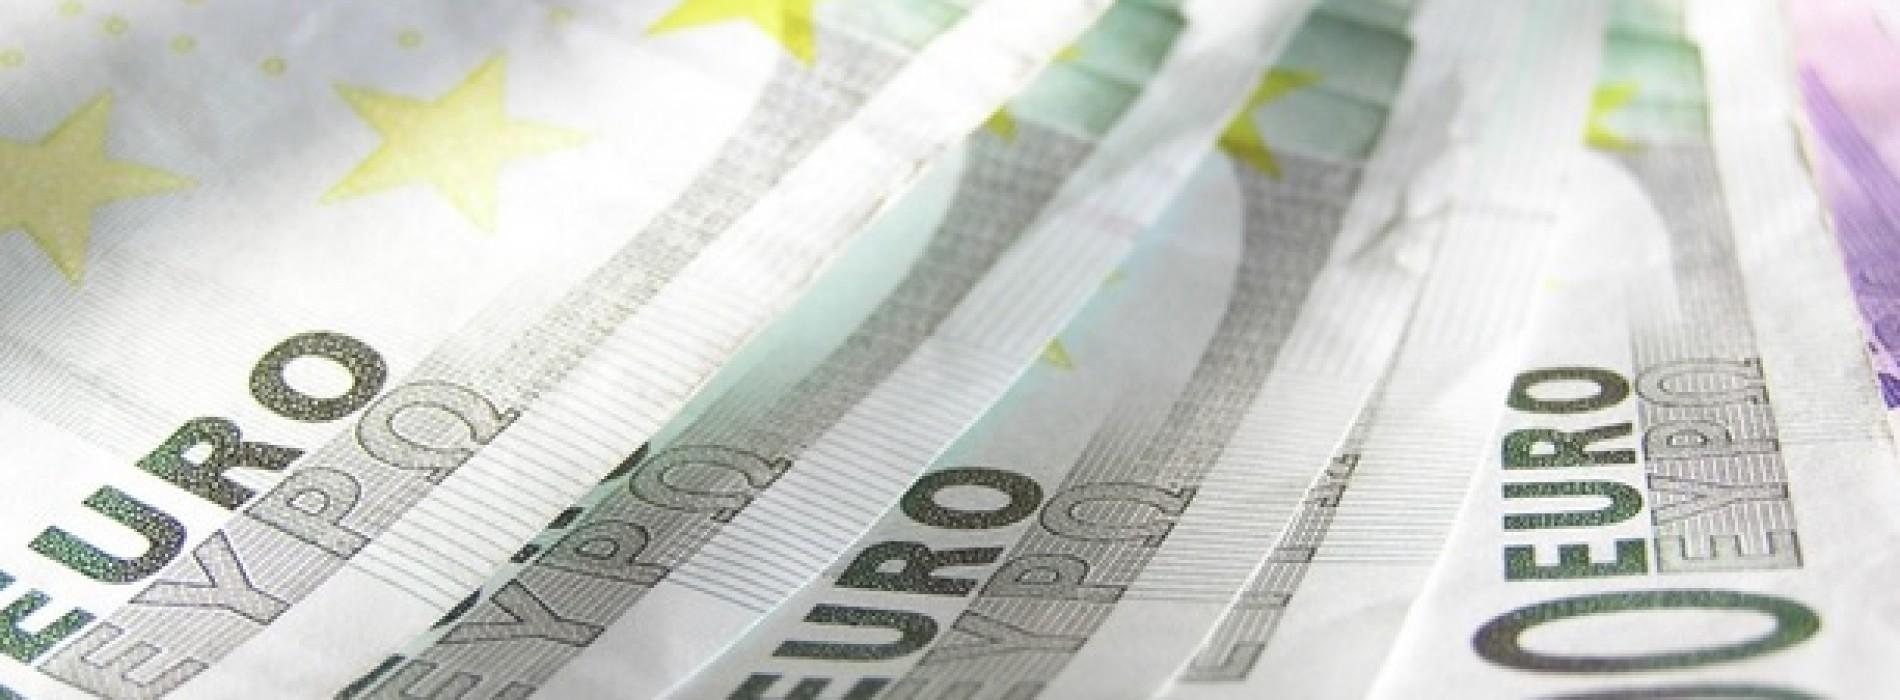 Co zrobić, by nie zwracać dotacji z UE?